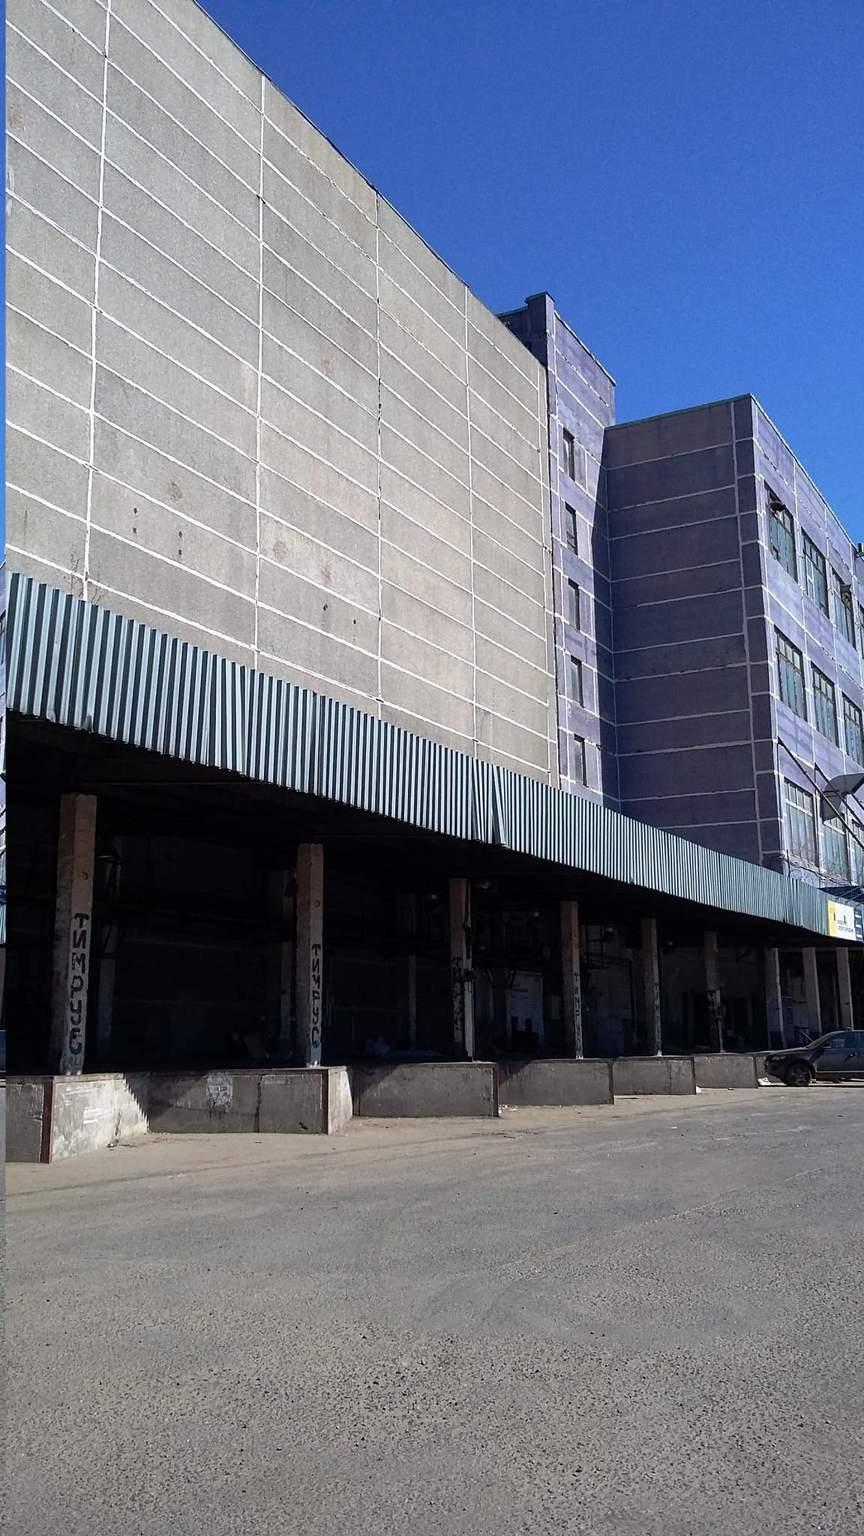 Сдается в аренду склад площадью 320 кв